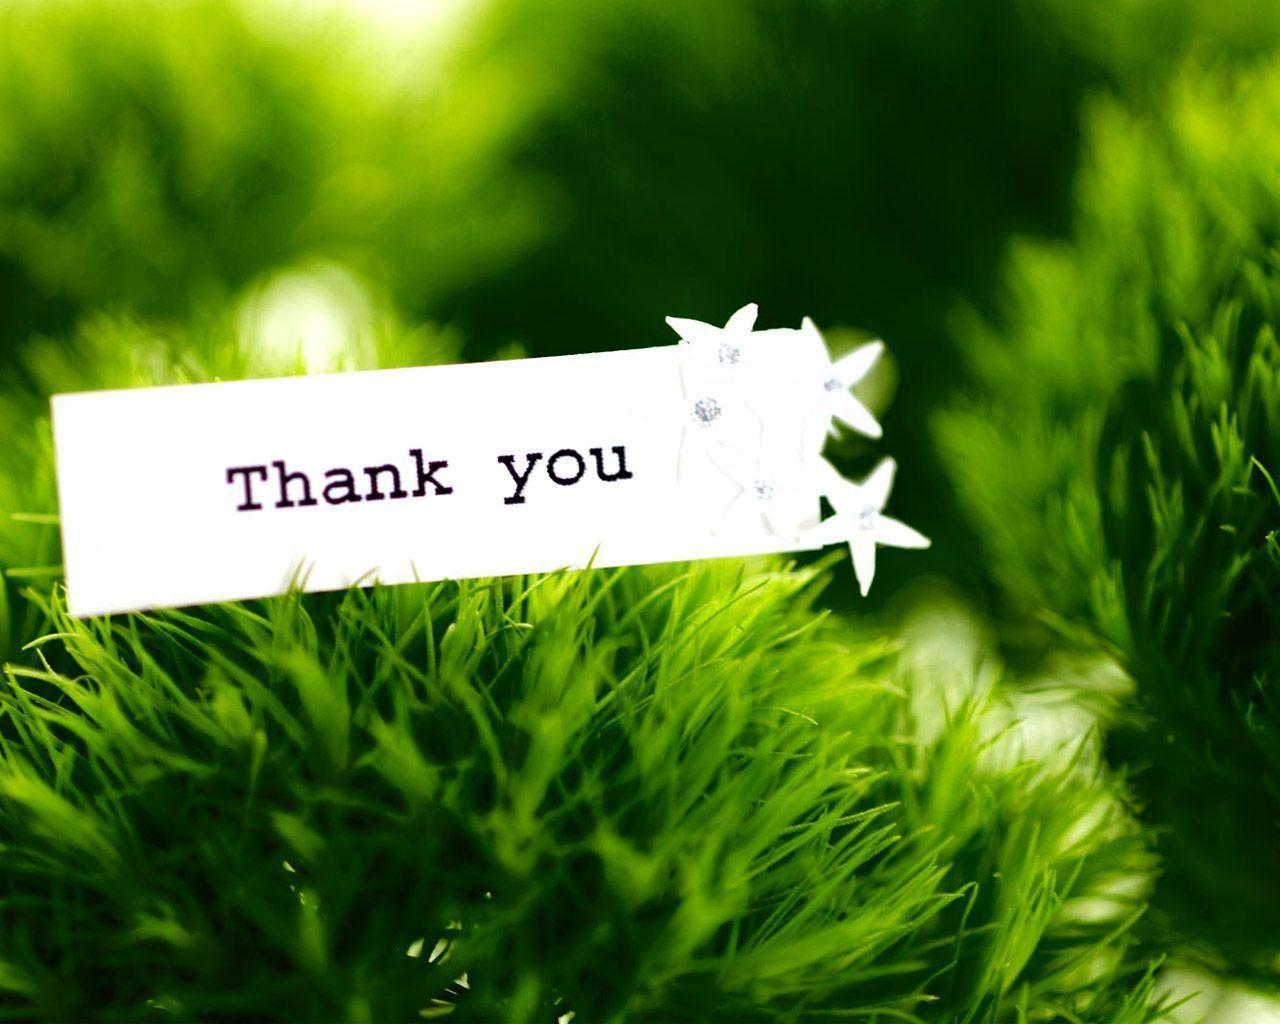 hinh nen thank you 9